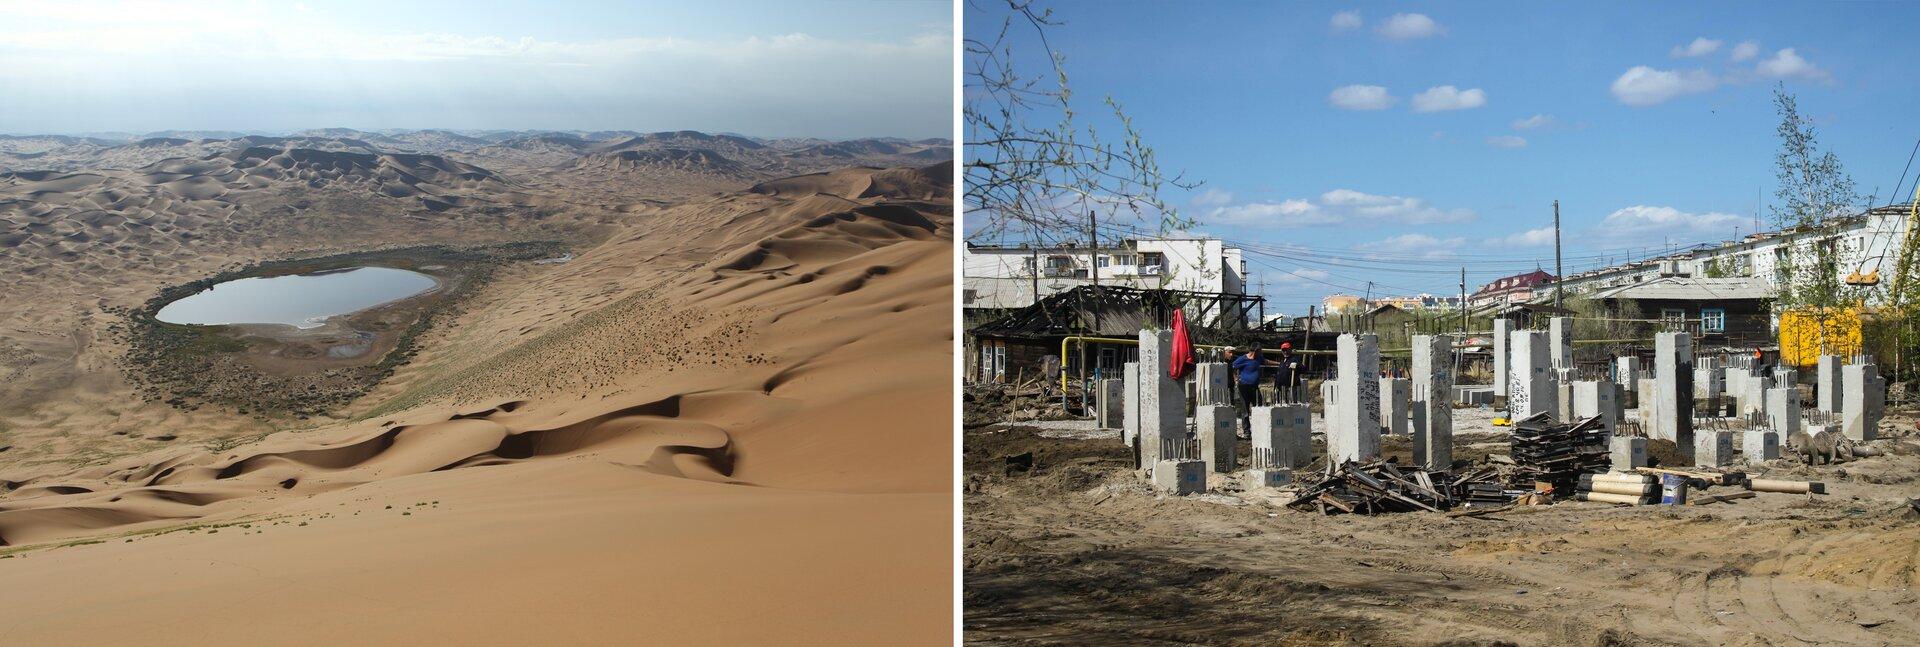 Pustynia wChinach, wsuchym wnętrzu Azji; Budowa domu na palach wJakucku, gdzie wpodłożu występuje wieloletnia zmarzlina